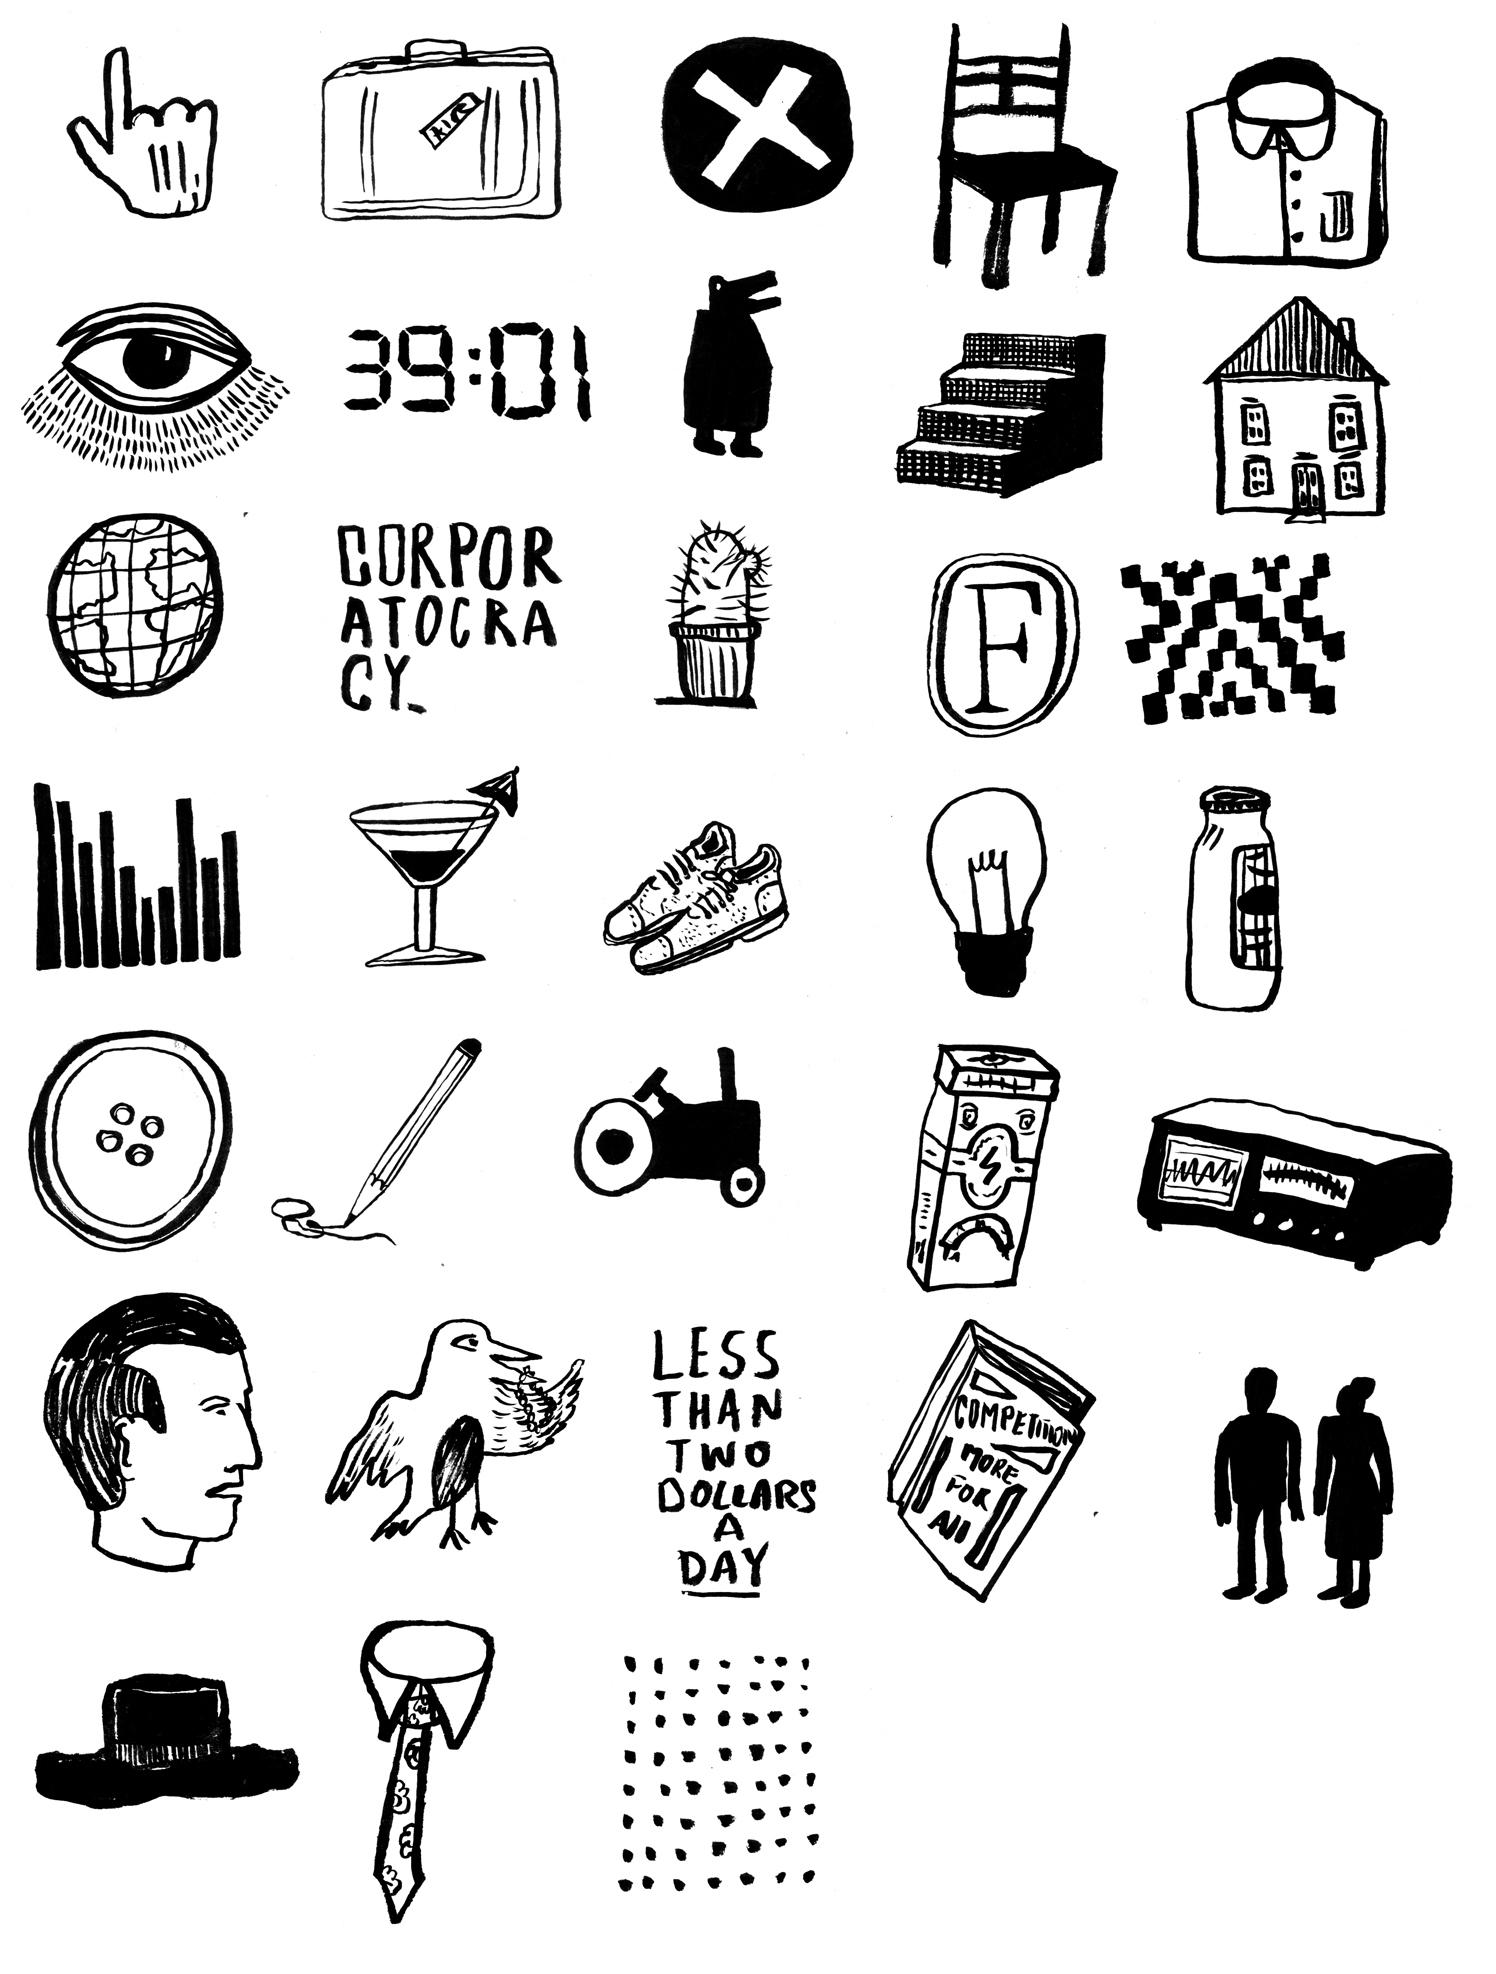 Corporatocracy Icons